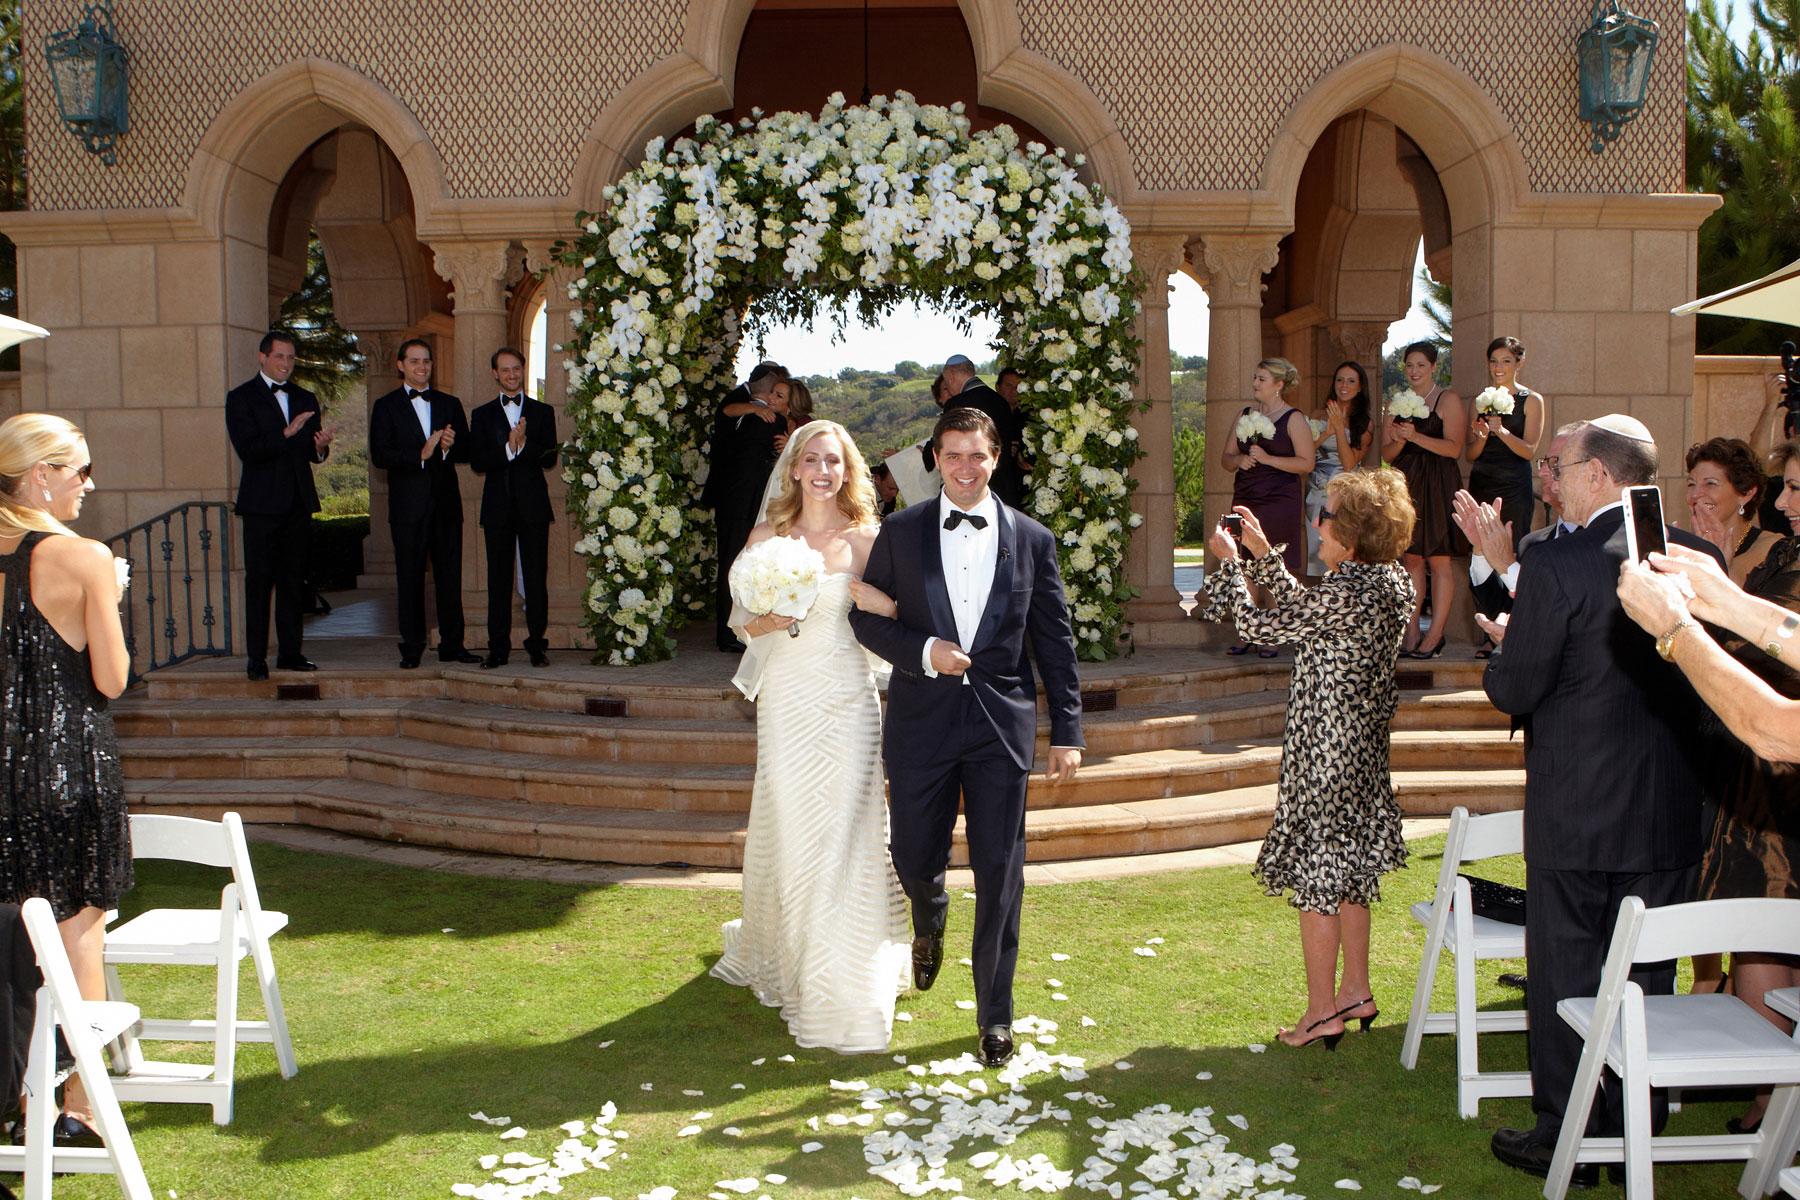 Grand Del Mar outdoor wedding ceremony